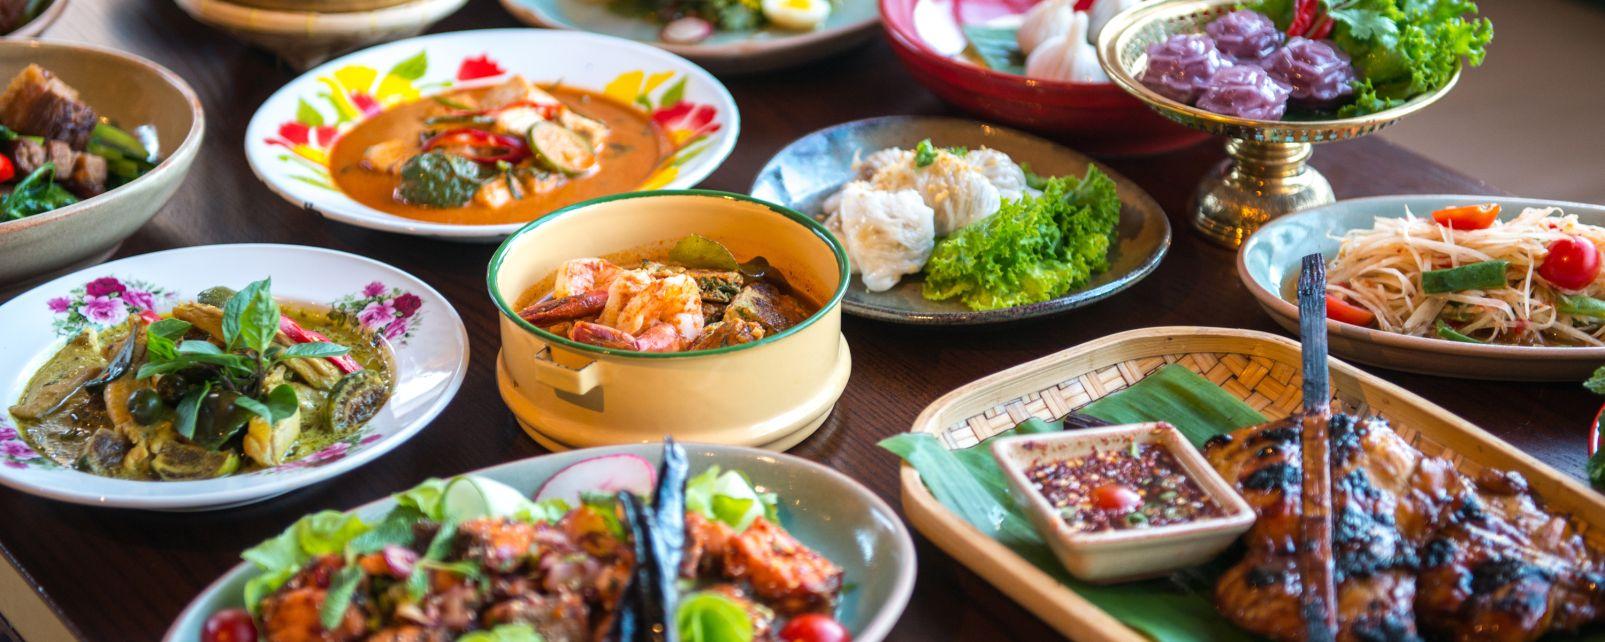 La gastronomie, Thaïlande, asie, cuisine, thaïe, thaï, recette, gastronomie, épice